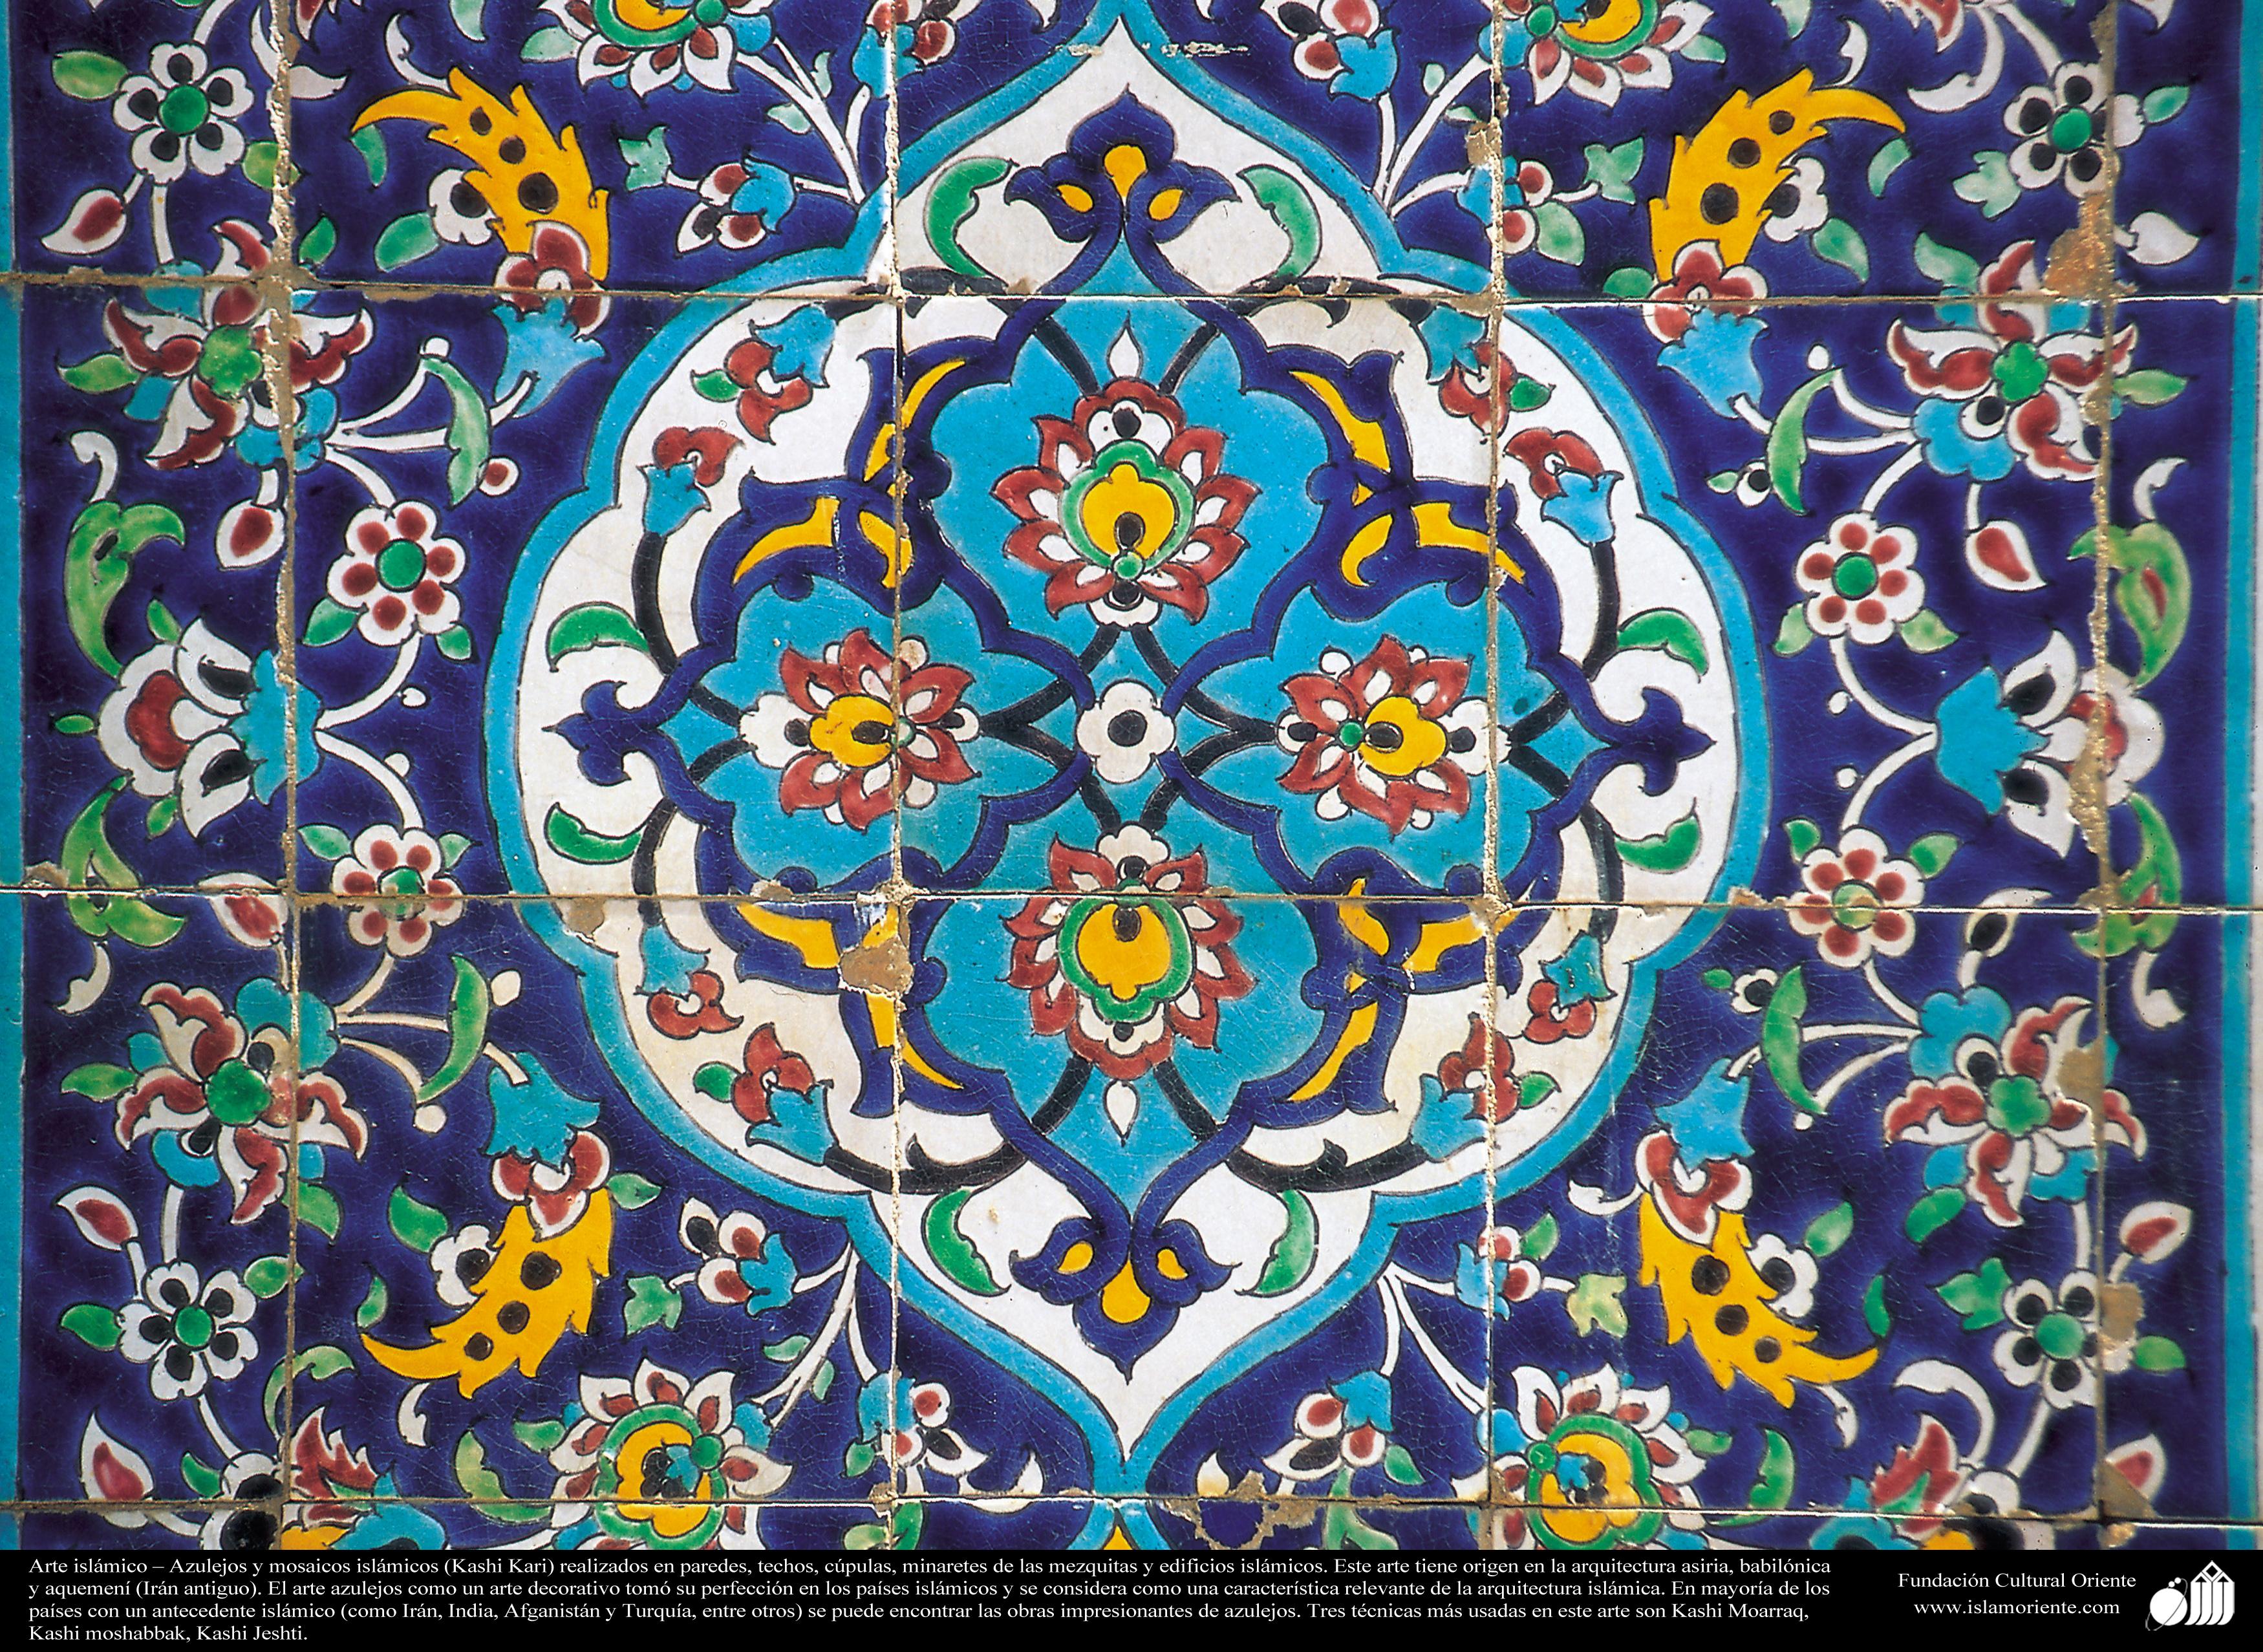 Arte isl mico azulejos y mosaicos isl micos kashi kari for Mosaicos de azulejos en paredes